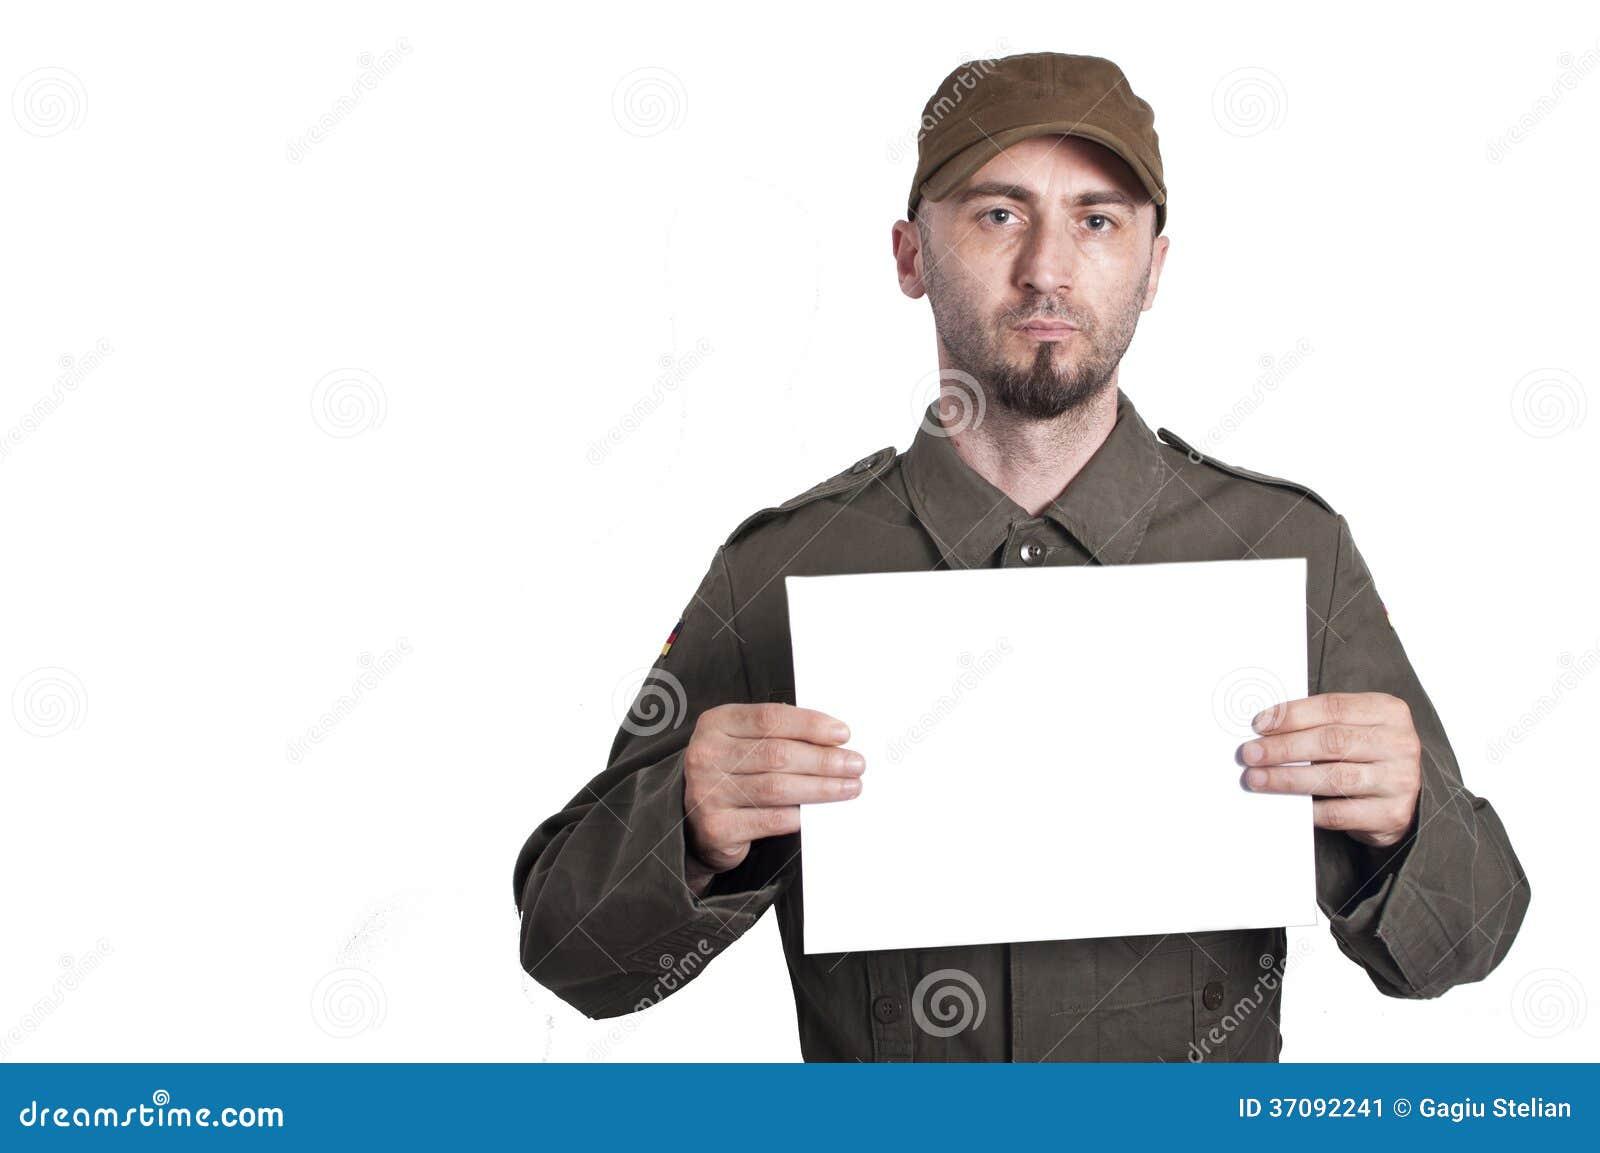 Download Polici wojskowej mugshot obraz stock. Obraz złożonej z grunge - 37092241